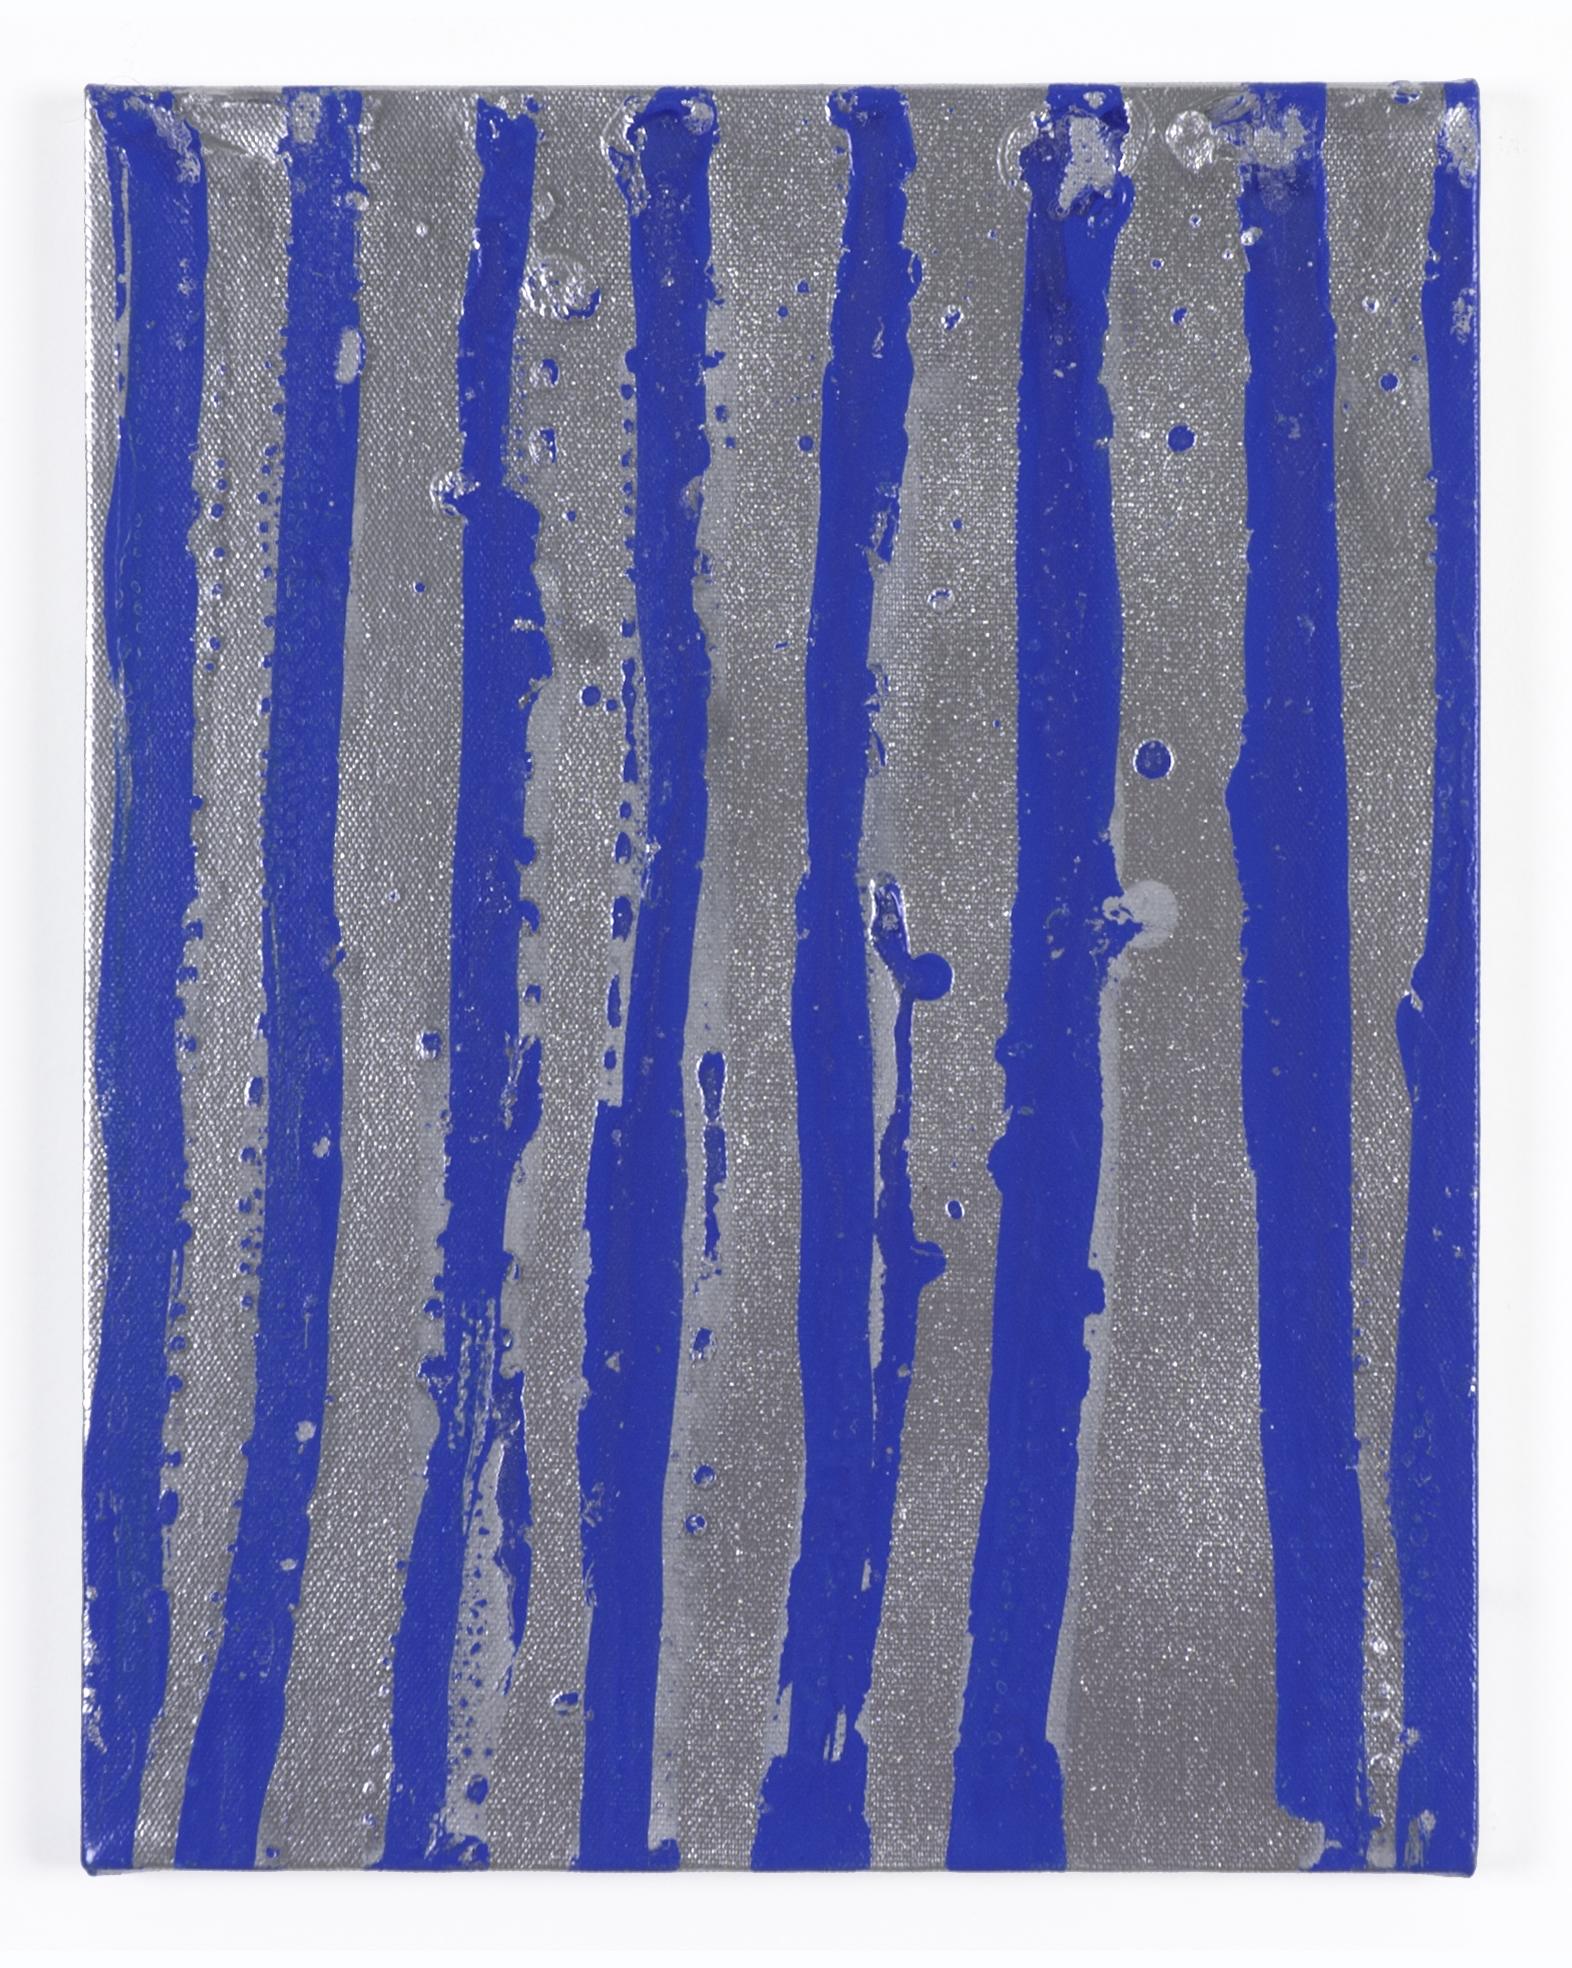 Philip von Zweck, Untitled, 2011, spray enamel on canvas, 14 x 11 inches